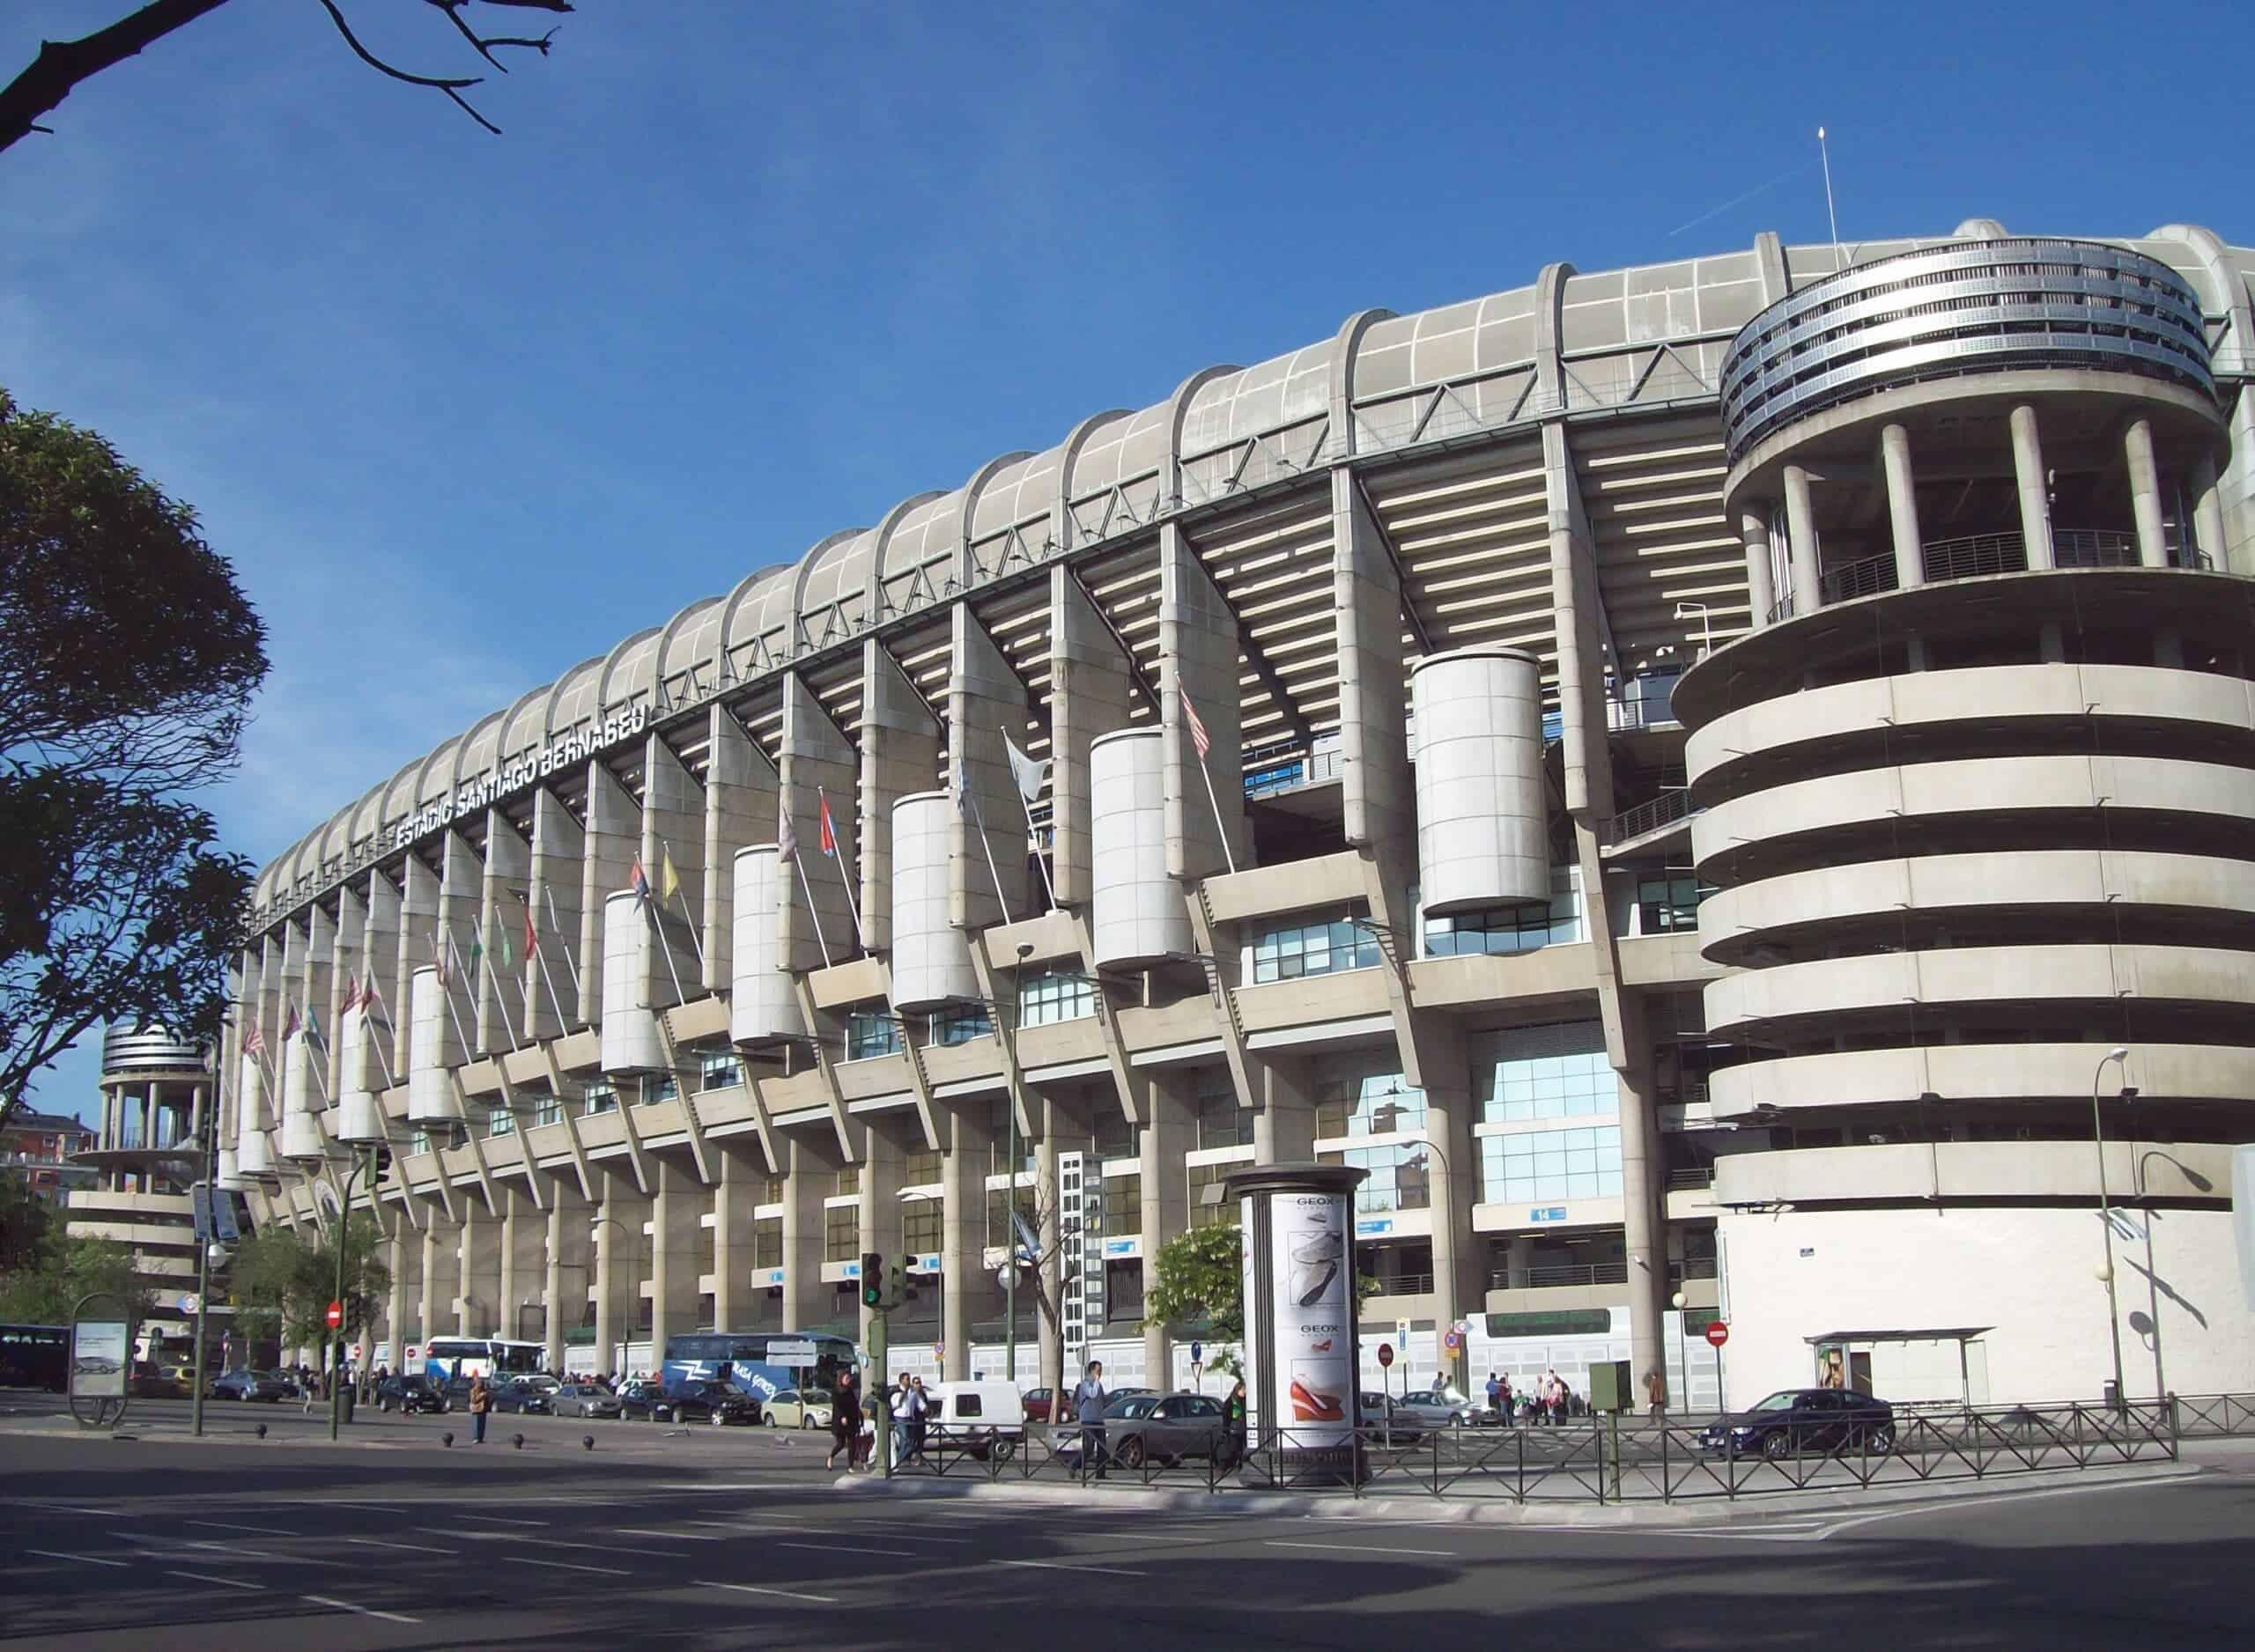 stadion van real